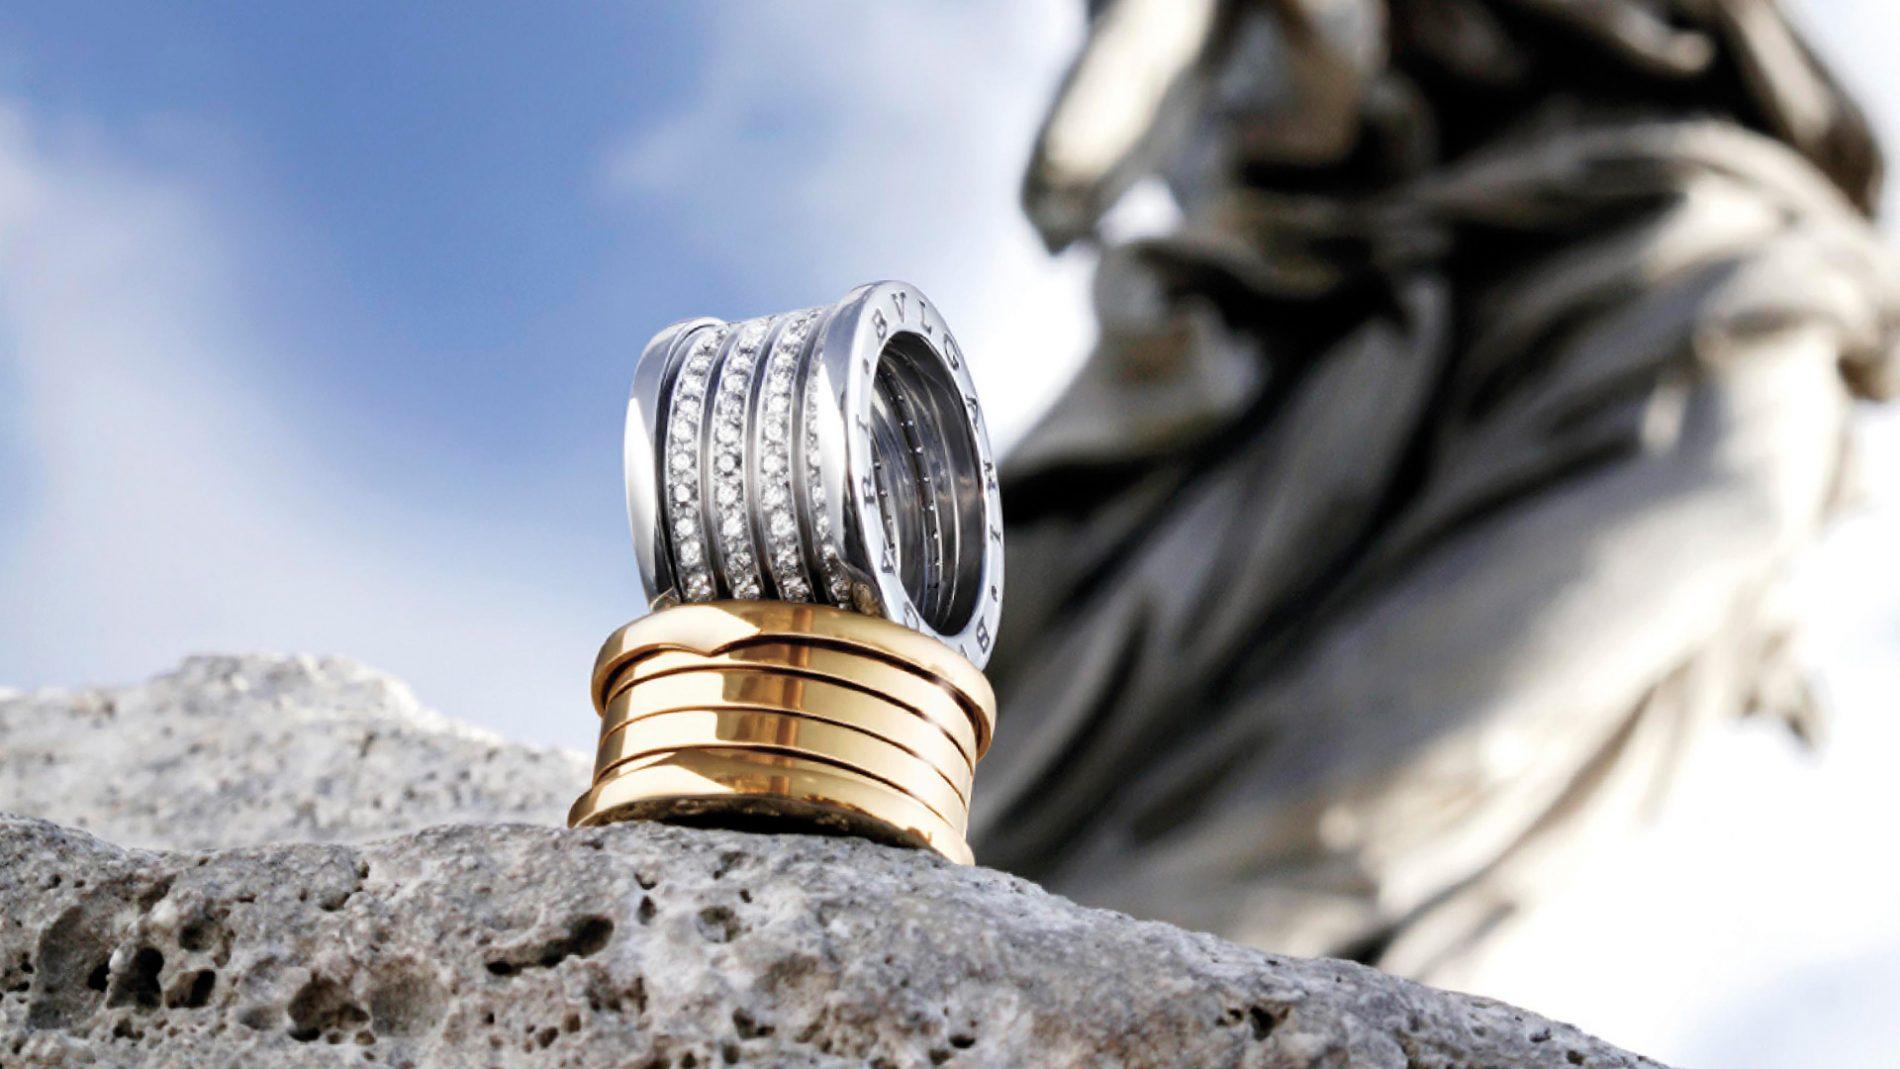 El Corte Inglés Luxury Jewelry Bulgari B.zero1 Ring